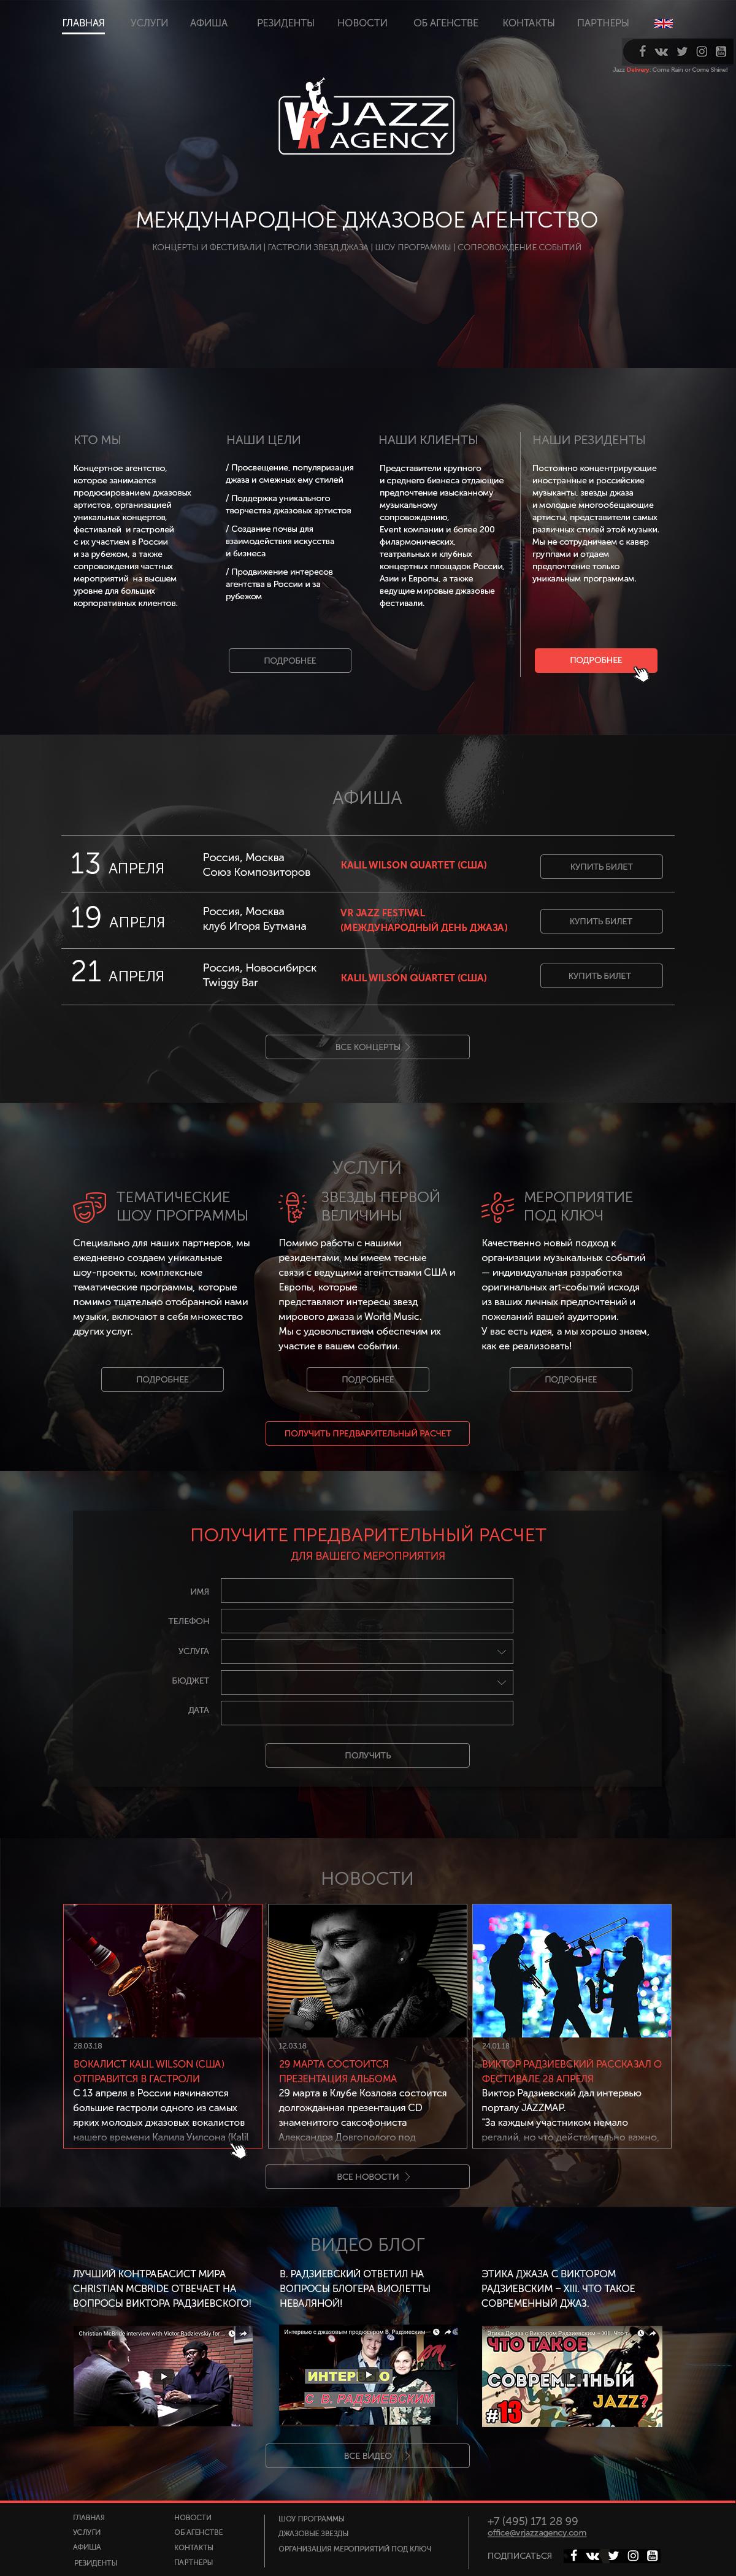 Дизайн сайта для джазового агенства